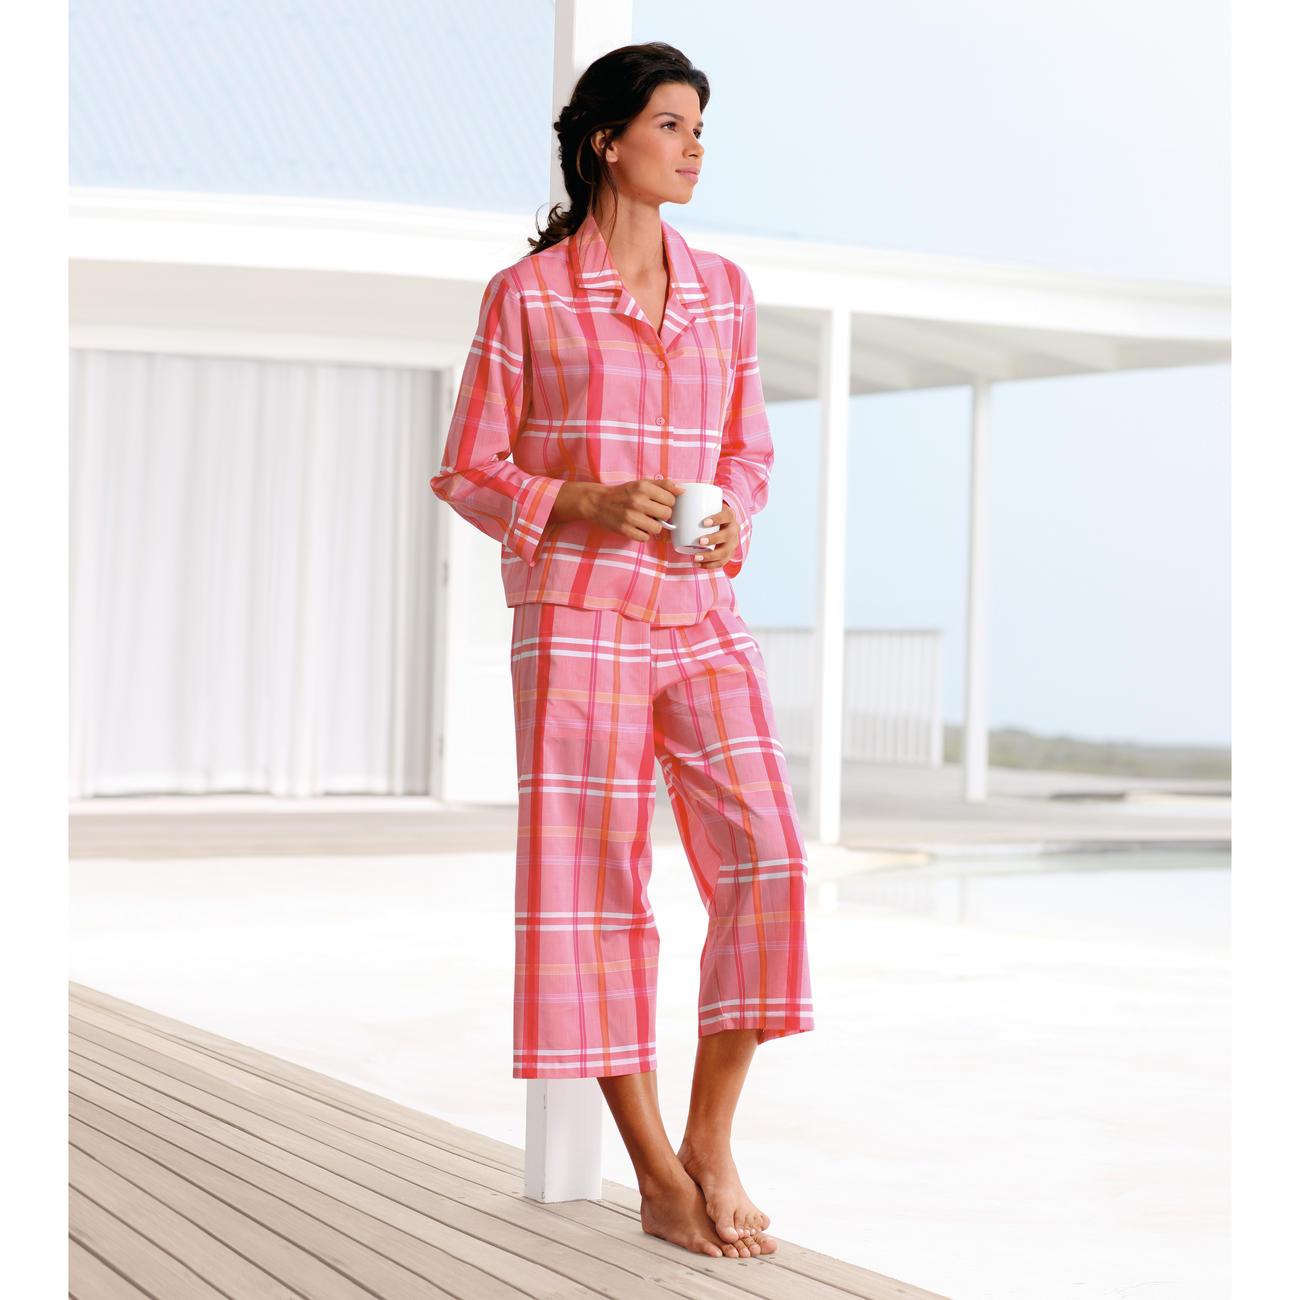 Pyjama carreaux novila orange rose pas cher pro idee for Pyjama a carreaux